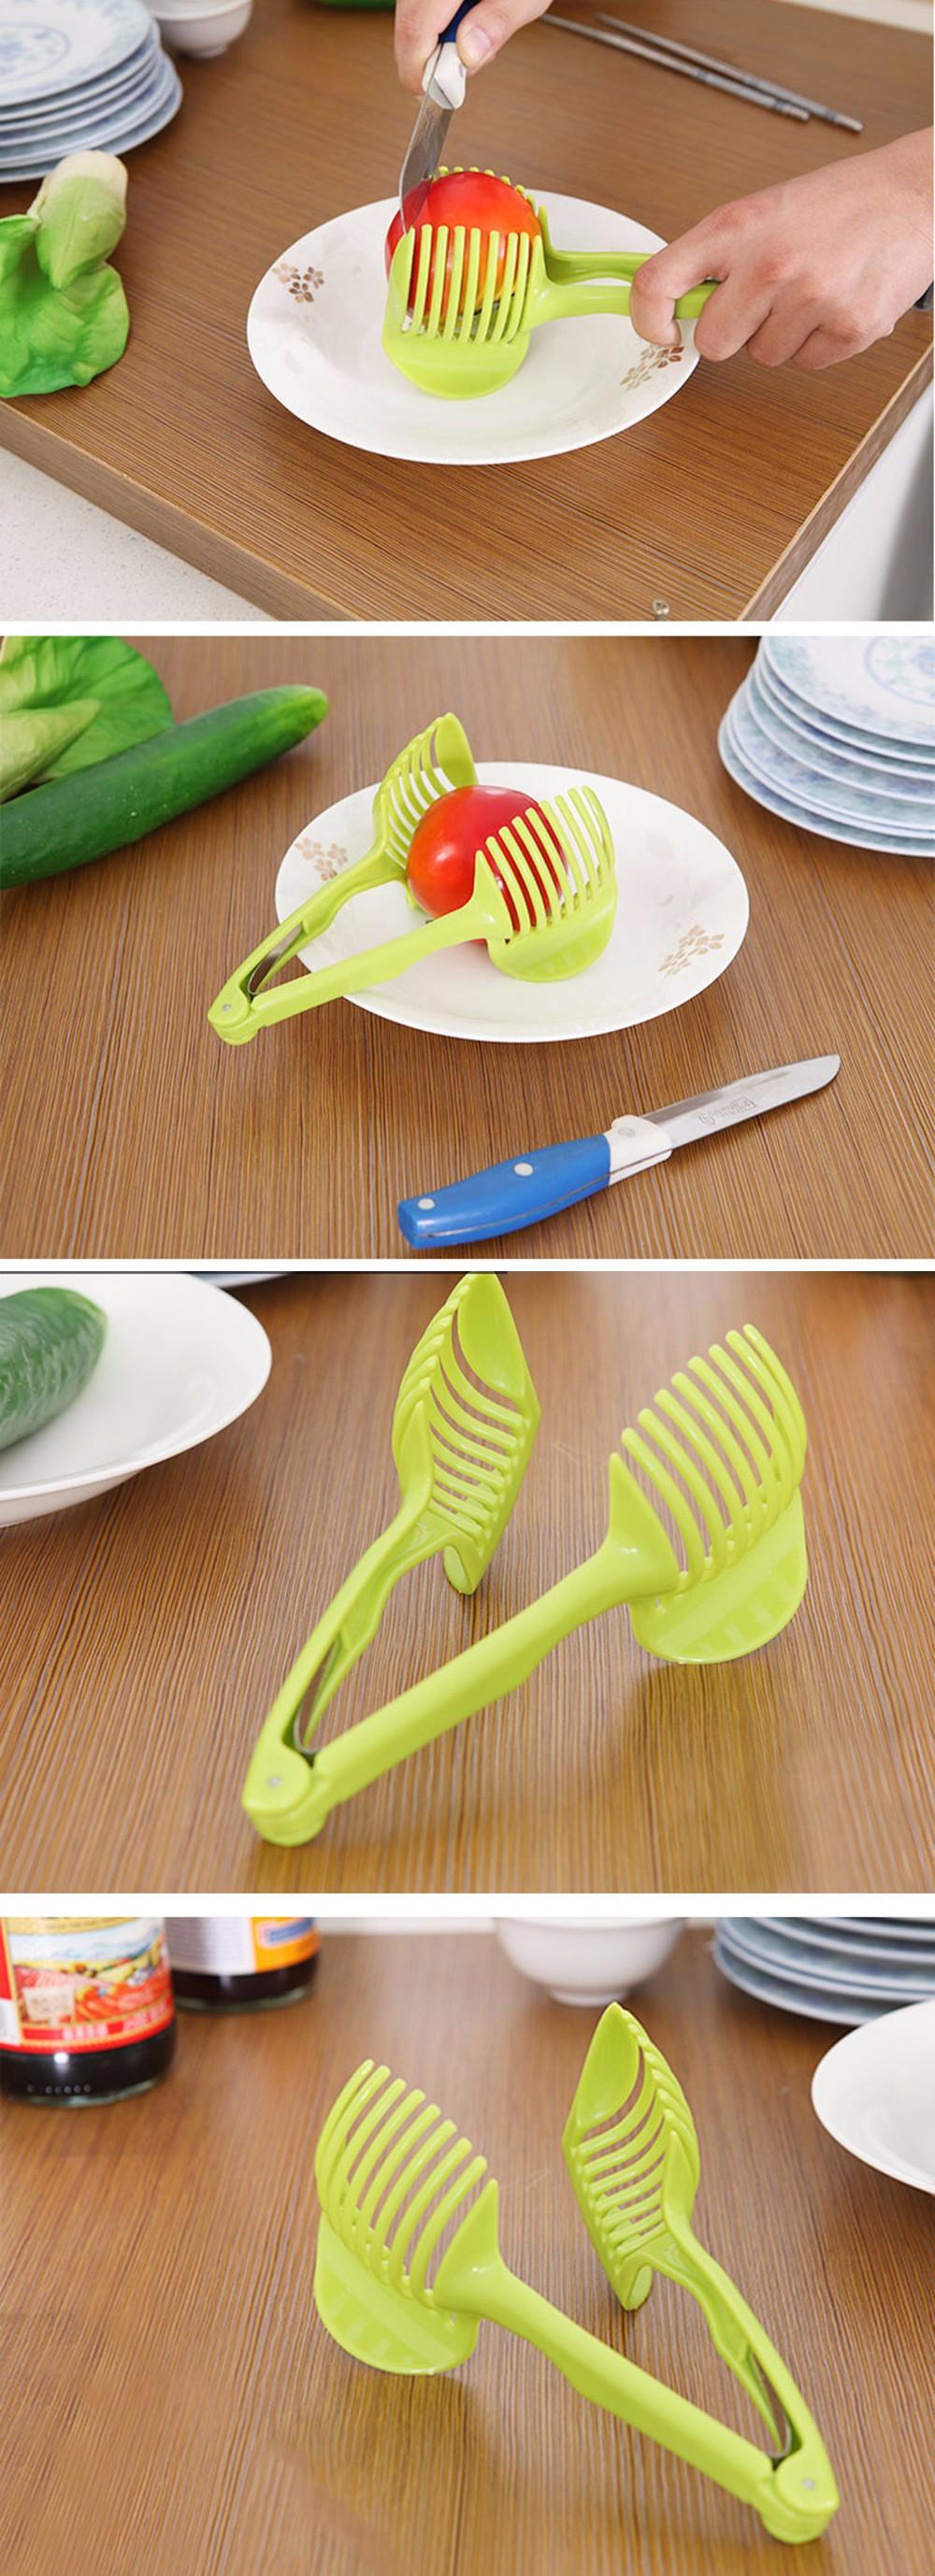 Vegetable-Cutter-Slicer-Tomato-Onion-Slicer-Holder-Food-Grade-Plastic-Fruit-Vegetable-Cutters-Kitchen-Gadgets-Slice-Assistant-KC1365 (12)